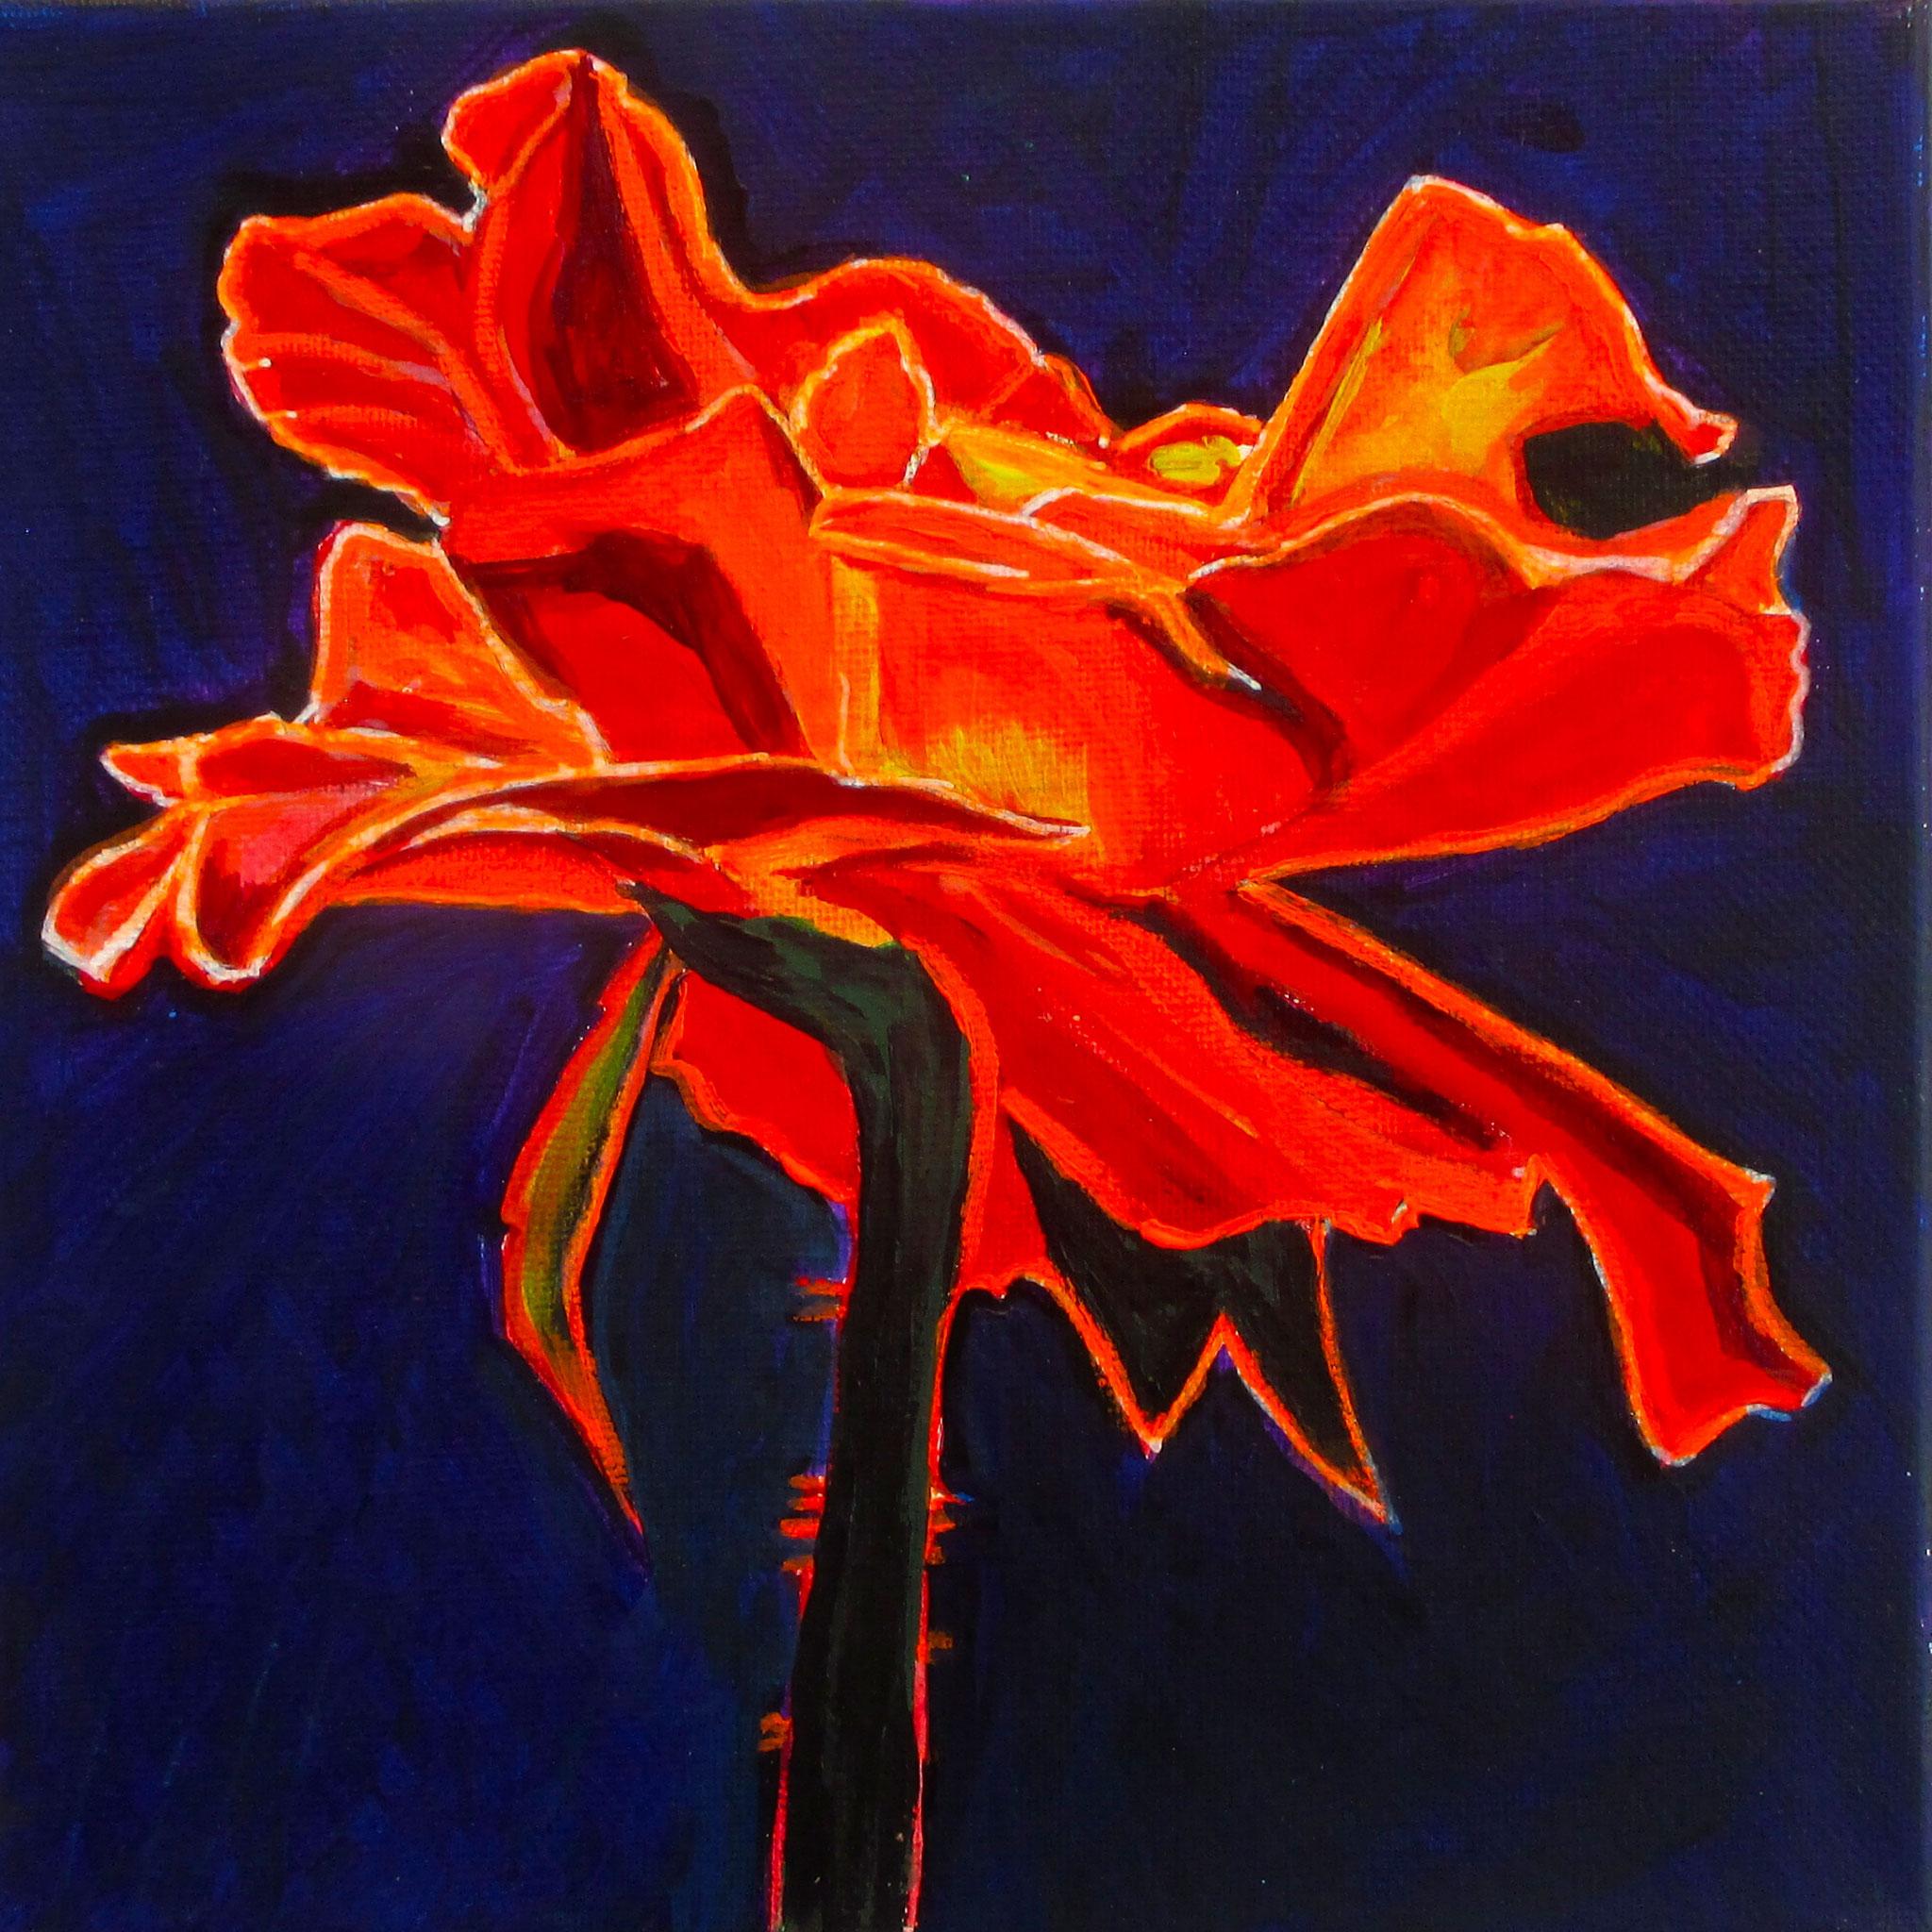 Dark Beauty, acrylic on canvas, 8 x 8